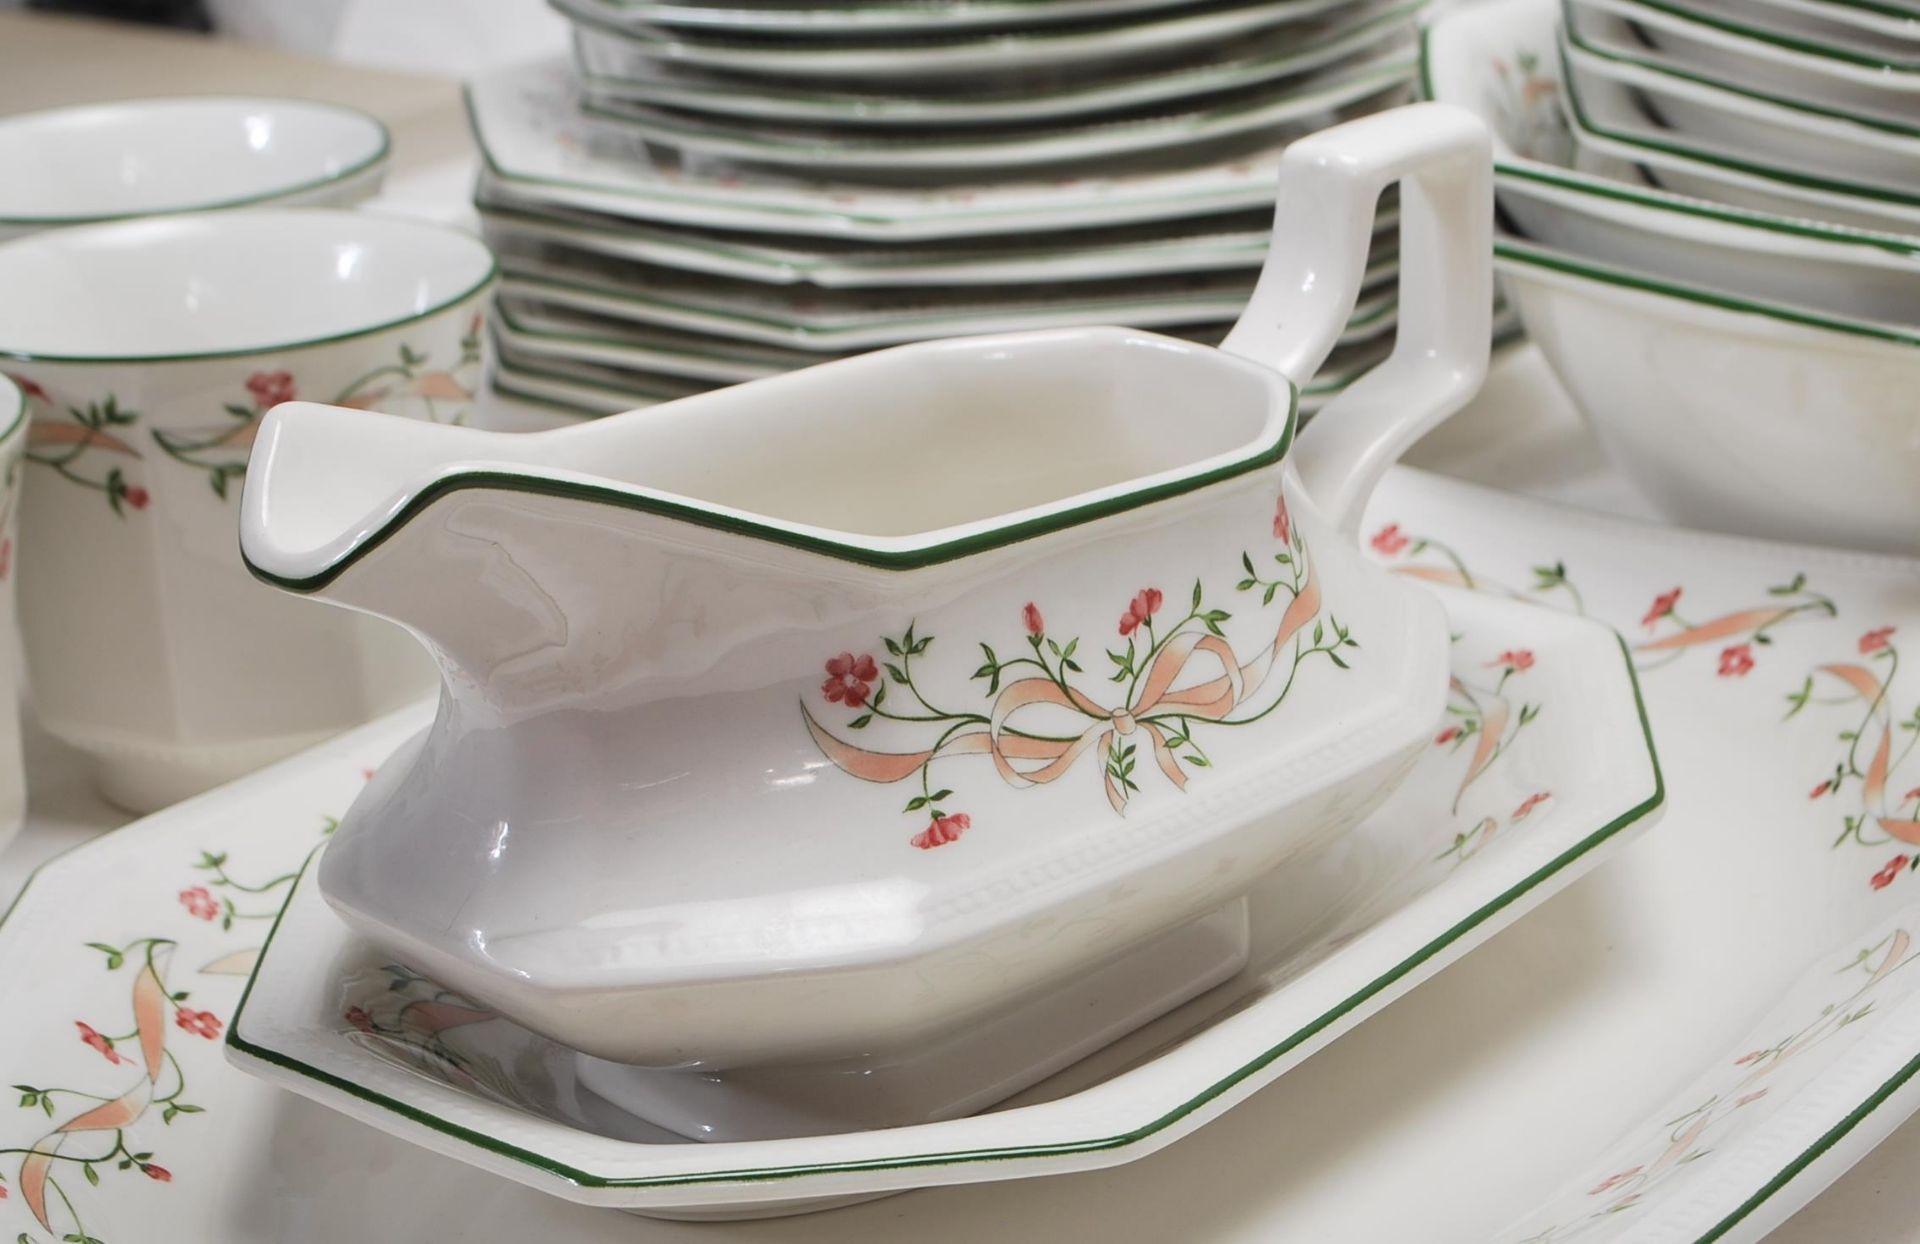 LAARGE DINNER SERVICE BY JOHNSON BROS ETERNAL BEAU - Image 12 of 19